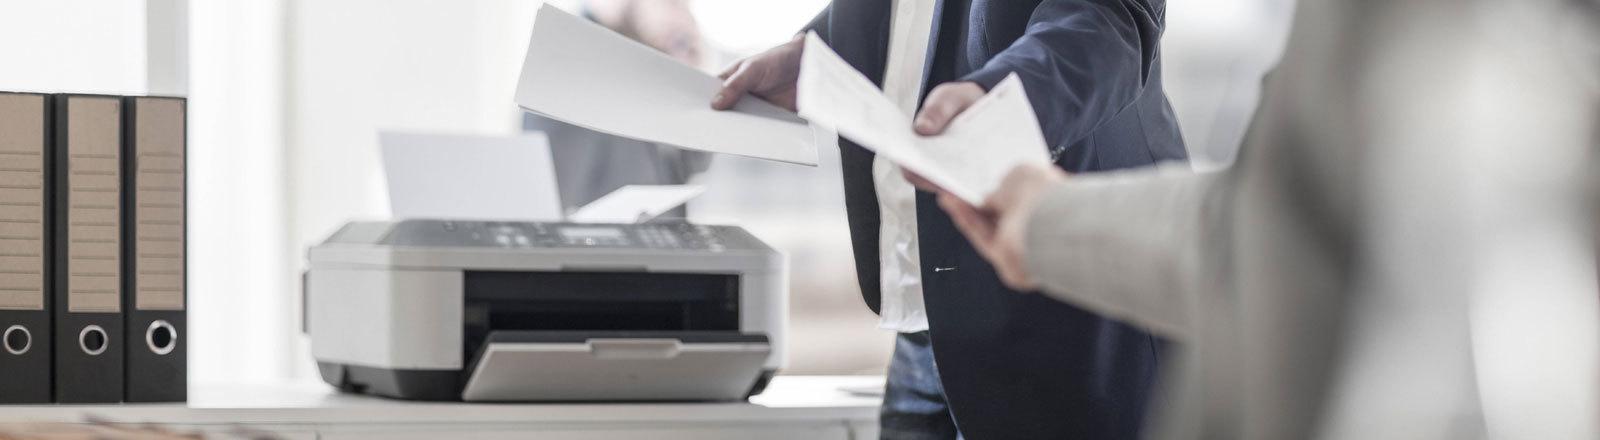 Papier aus dem Drucker